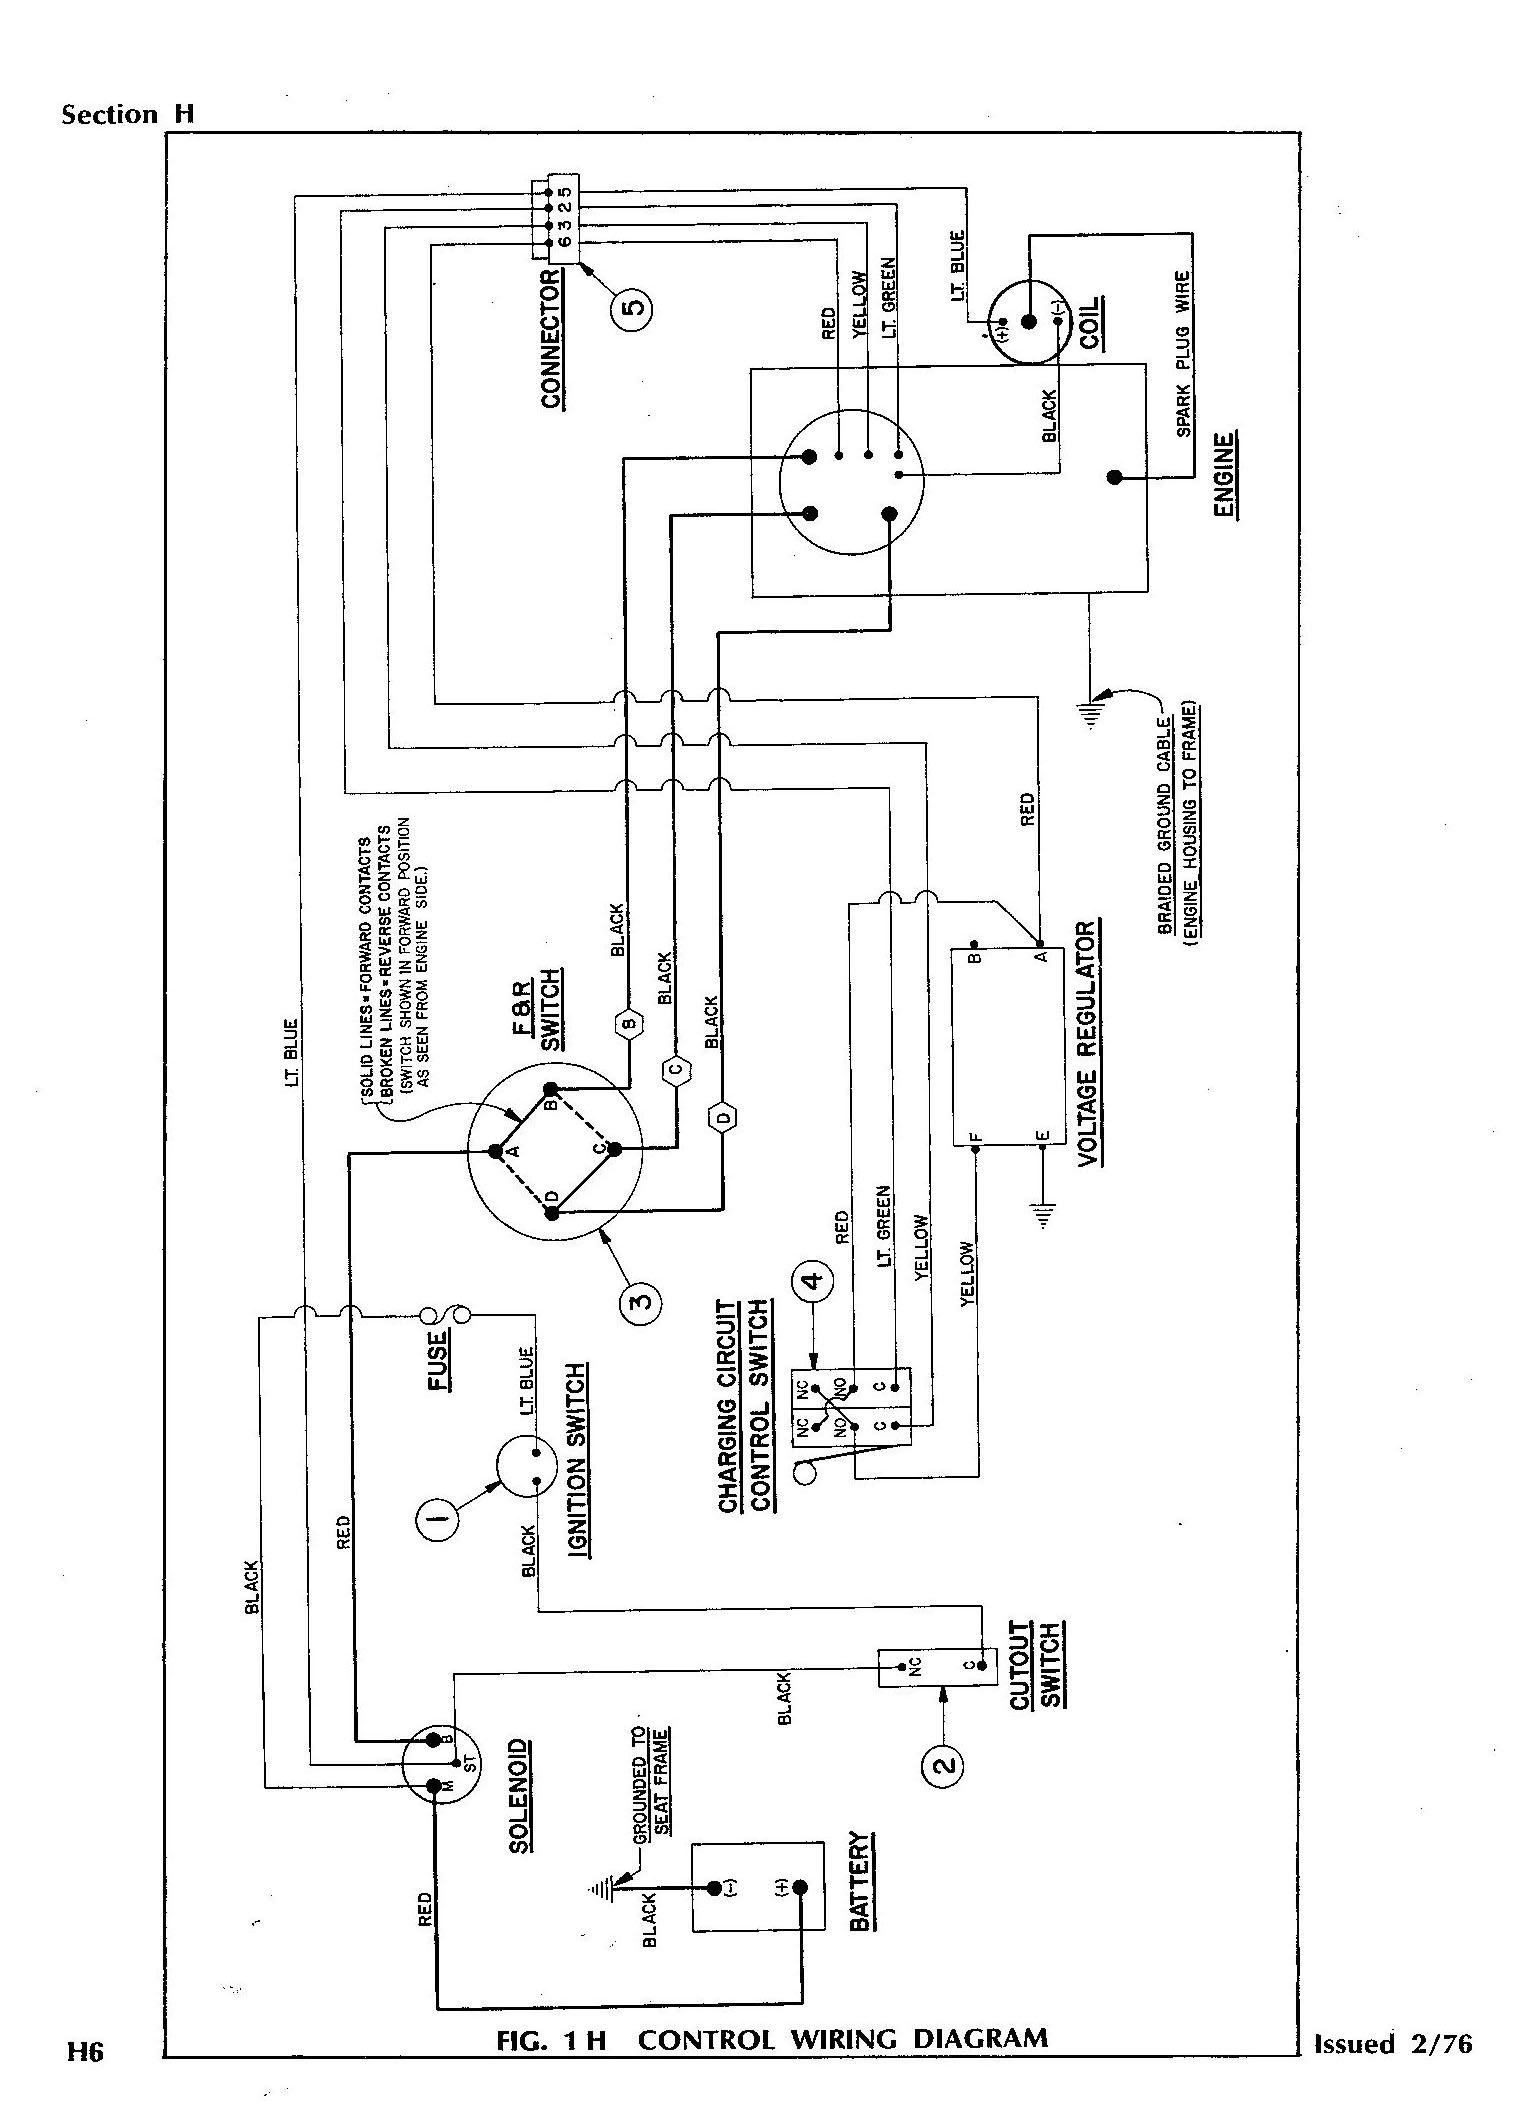 2008 Club Car Gas Wiring Diagram - Great Installation Of Wiring - 2008 Club Car Precedent Wiring Diagram